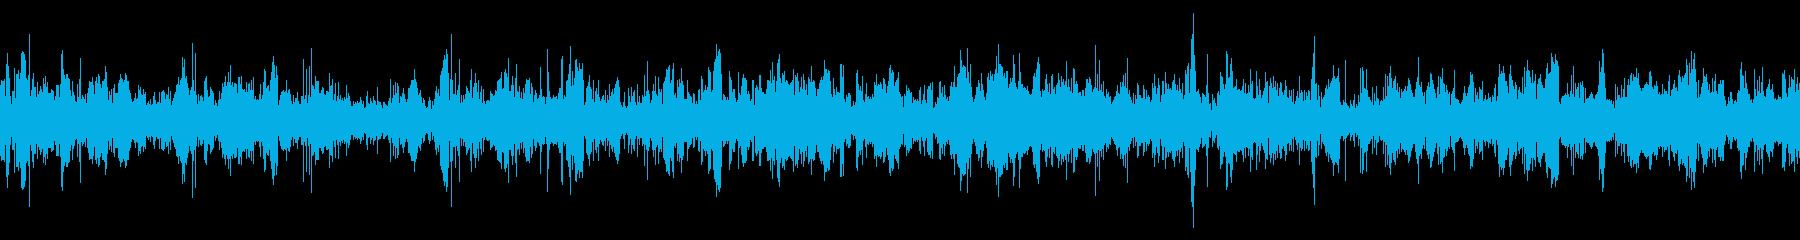 ホラー ぐちゃぐちゃ 混沌の再生済みの波形